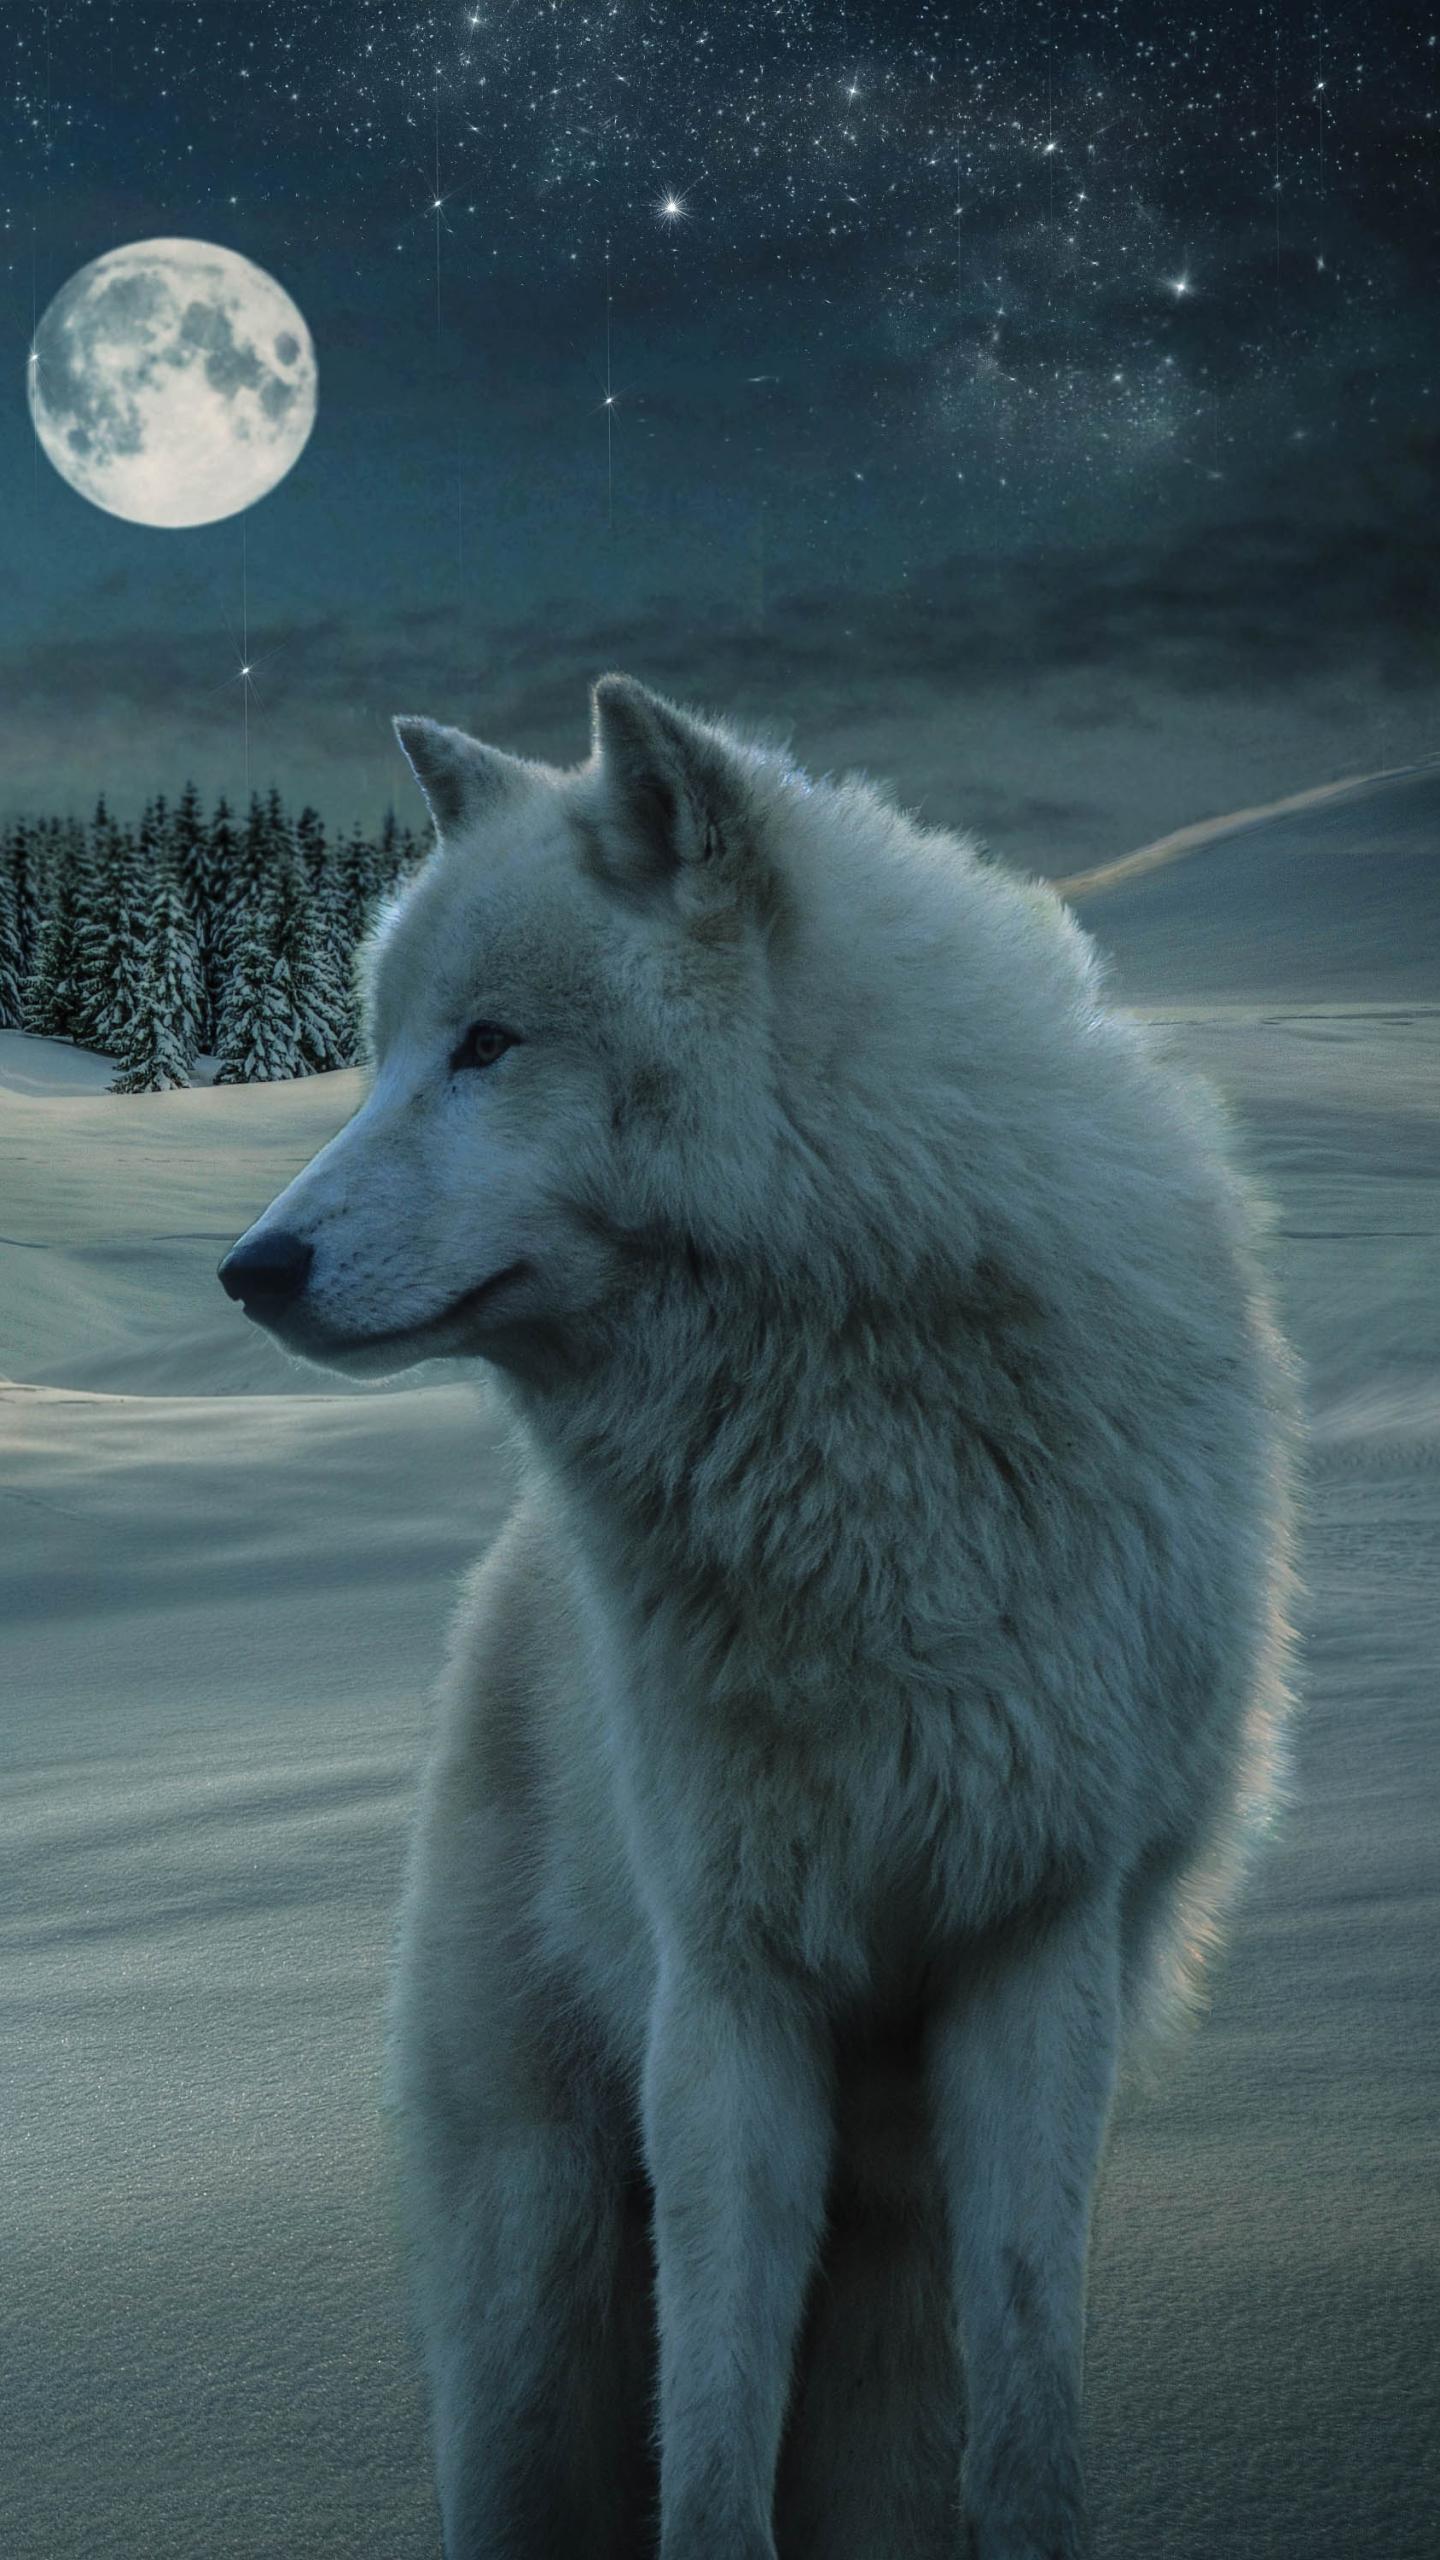 4 40111 wolf wallpaper 4k for mobile